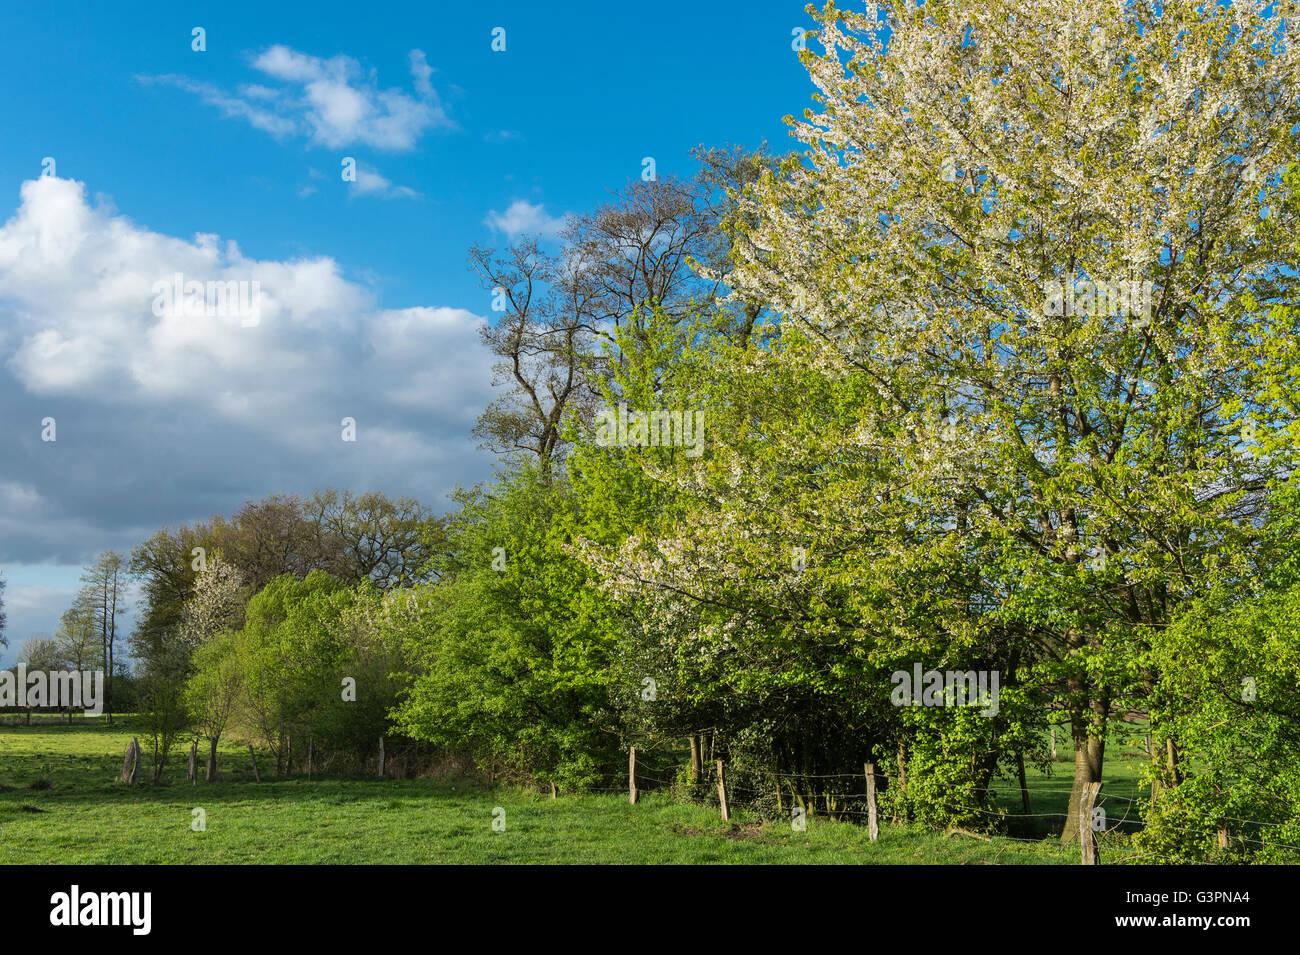 blühende Hecke und grüne Weide, Landkreis Vechta, Oldenburger Münsterland, Niedersachsen, Deutschland Stockbild